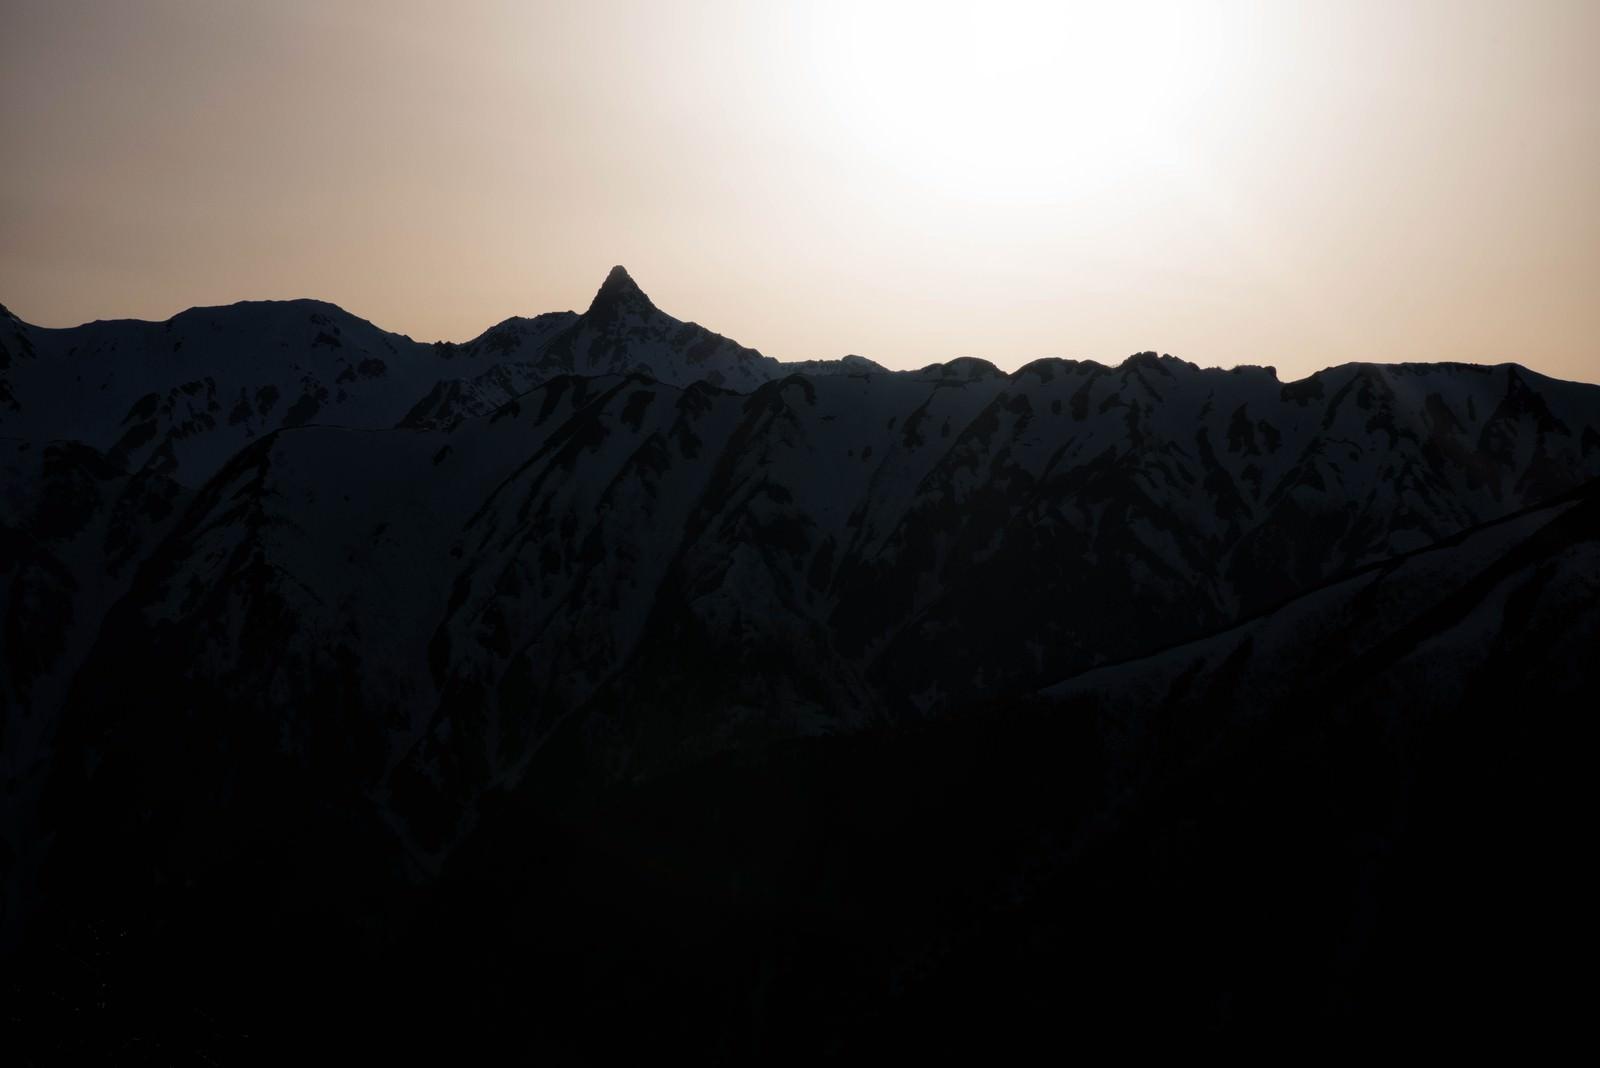 「槍ヶ岳のシルエット」の写真